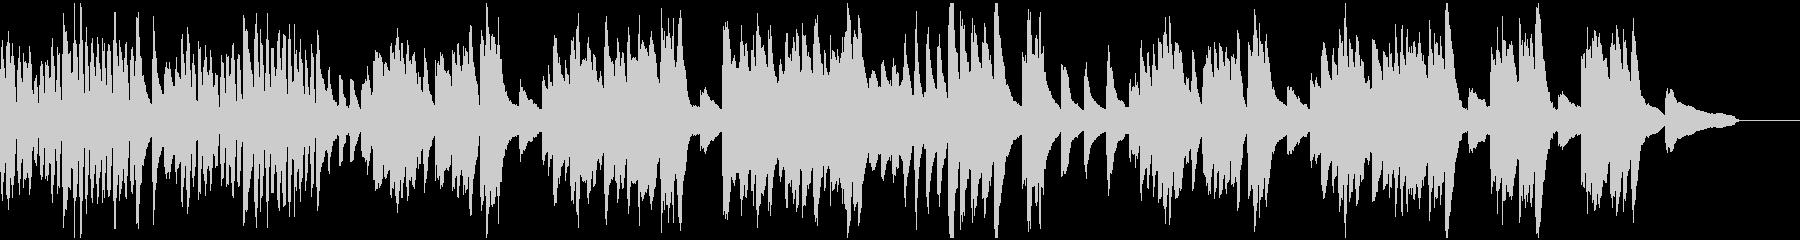 元気の良いピアノソロBGMの未再生の波形